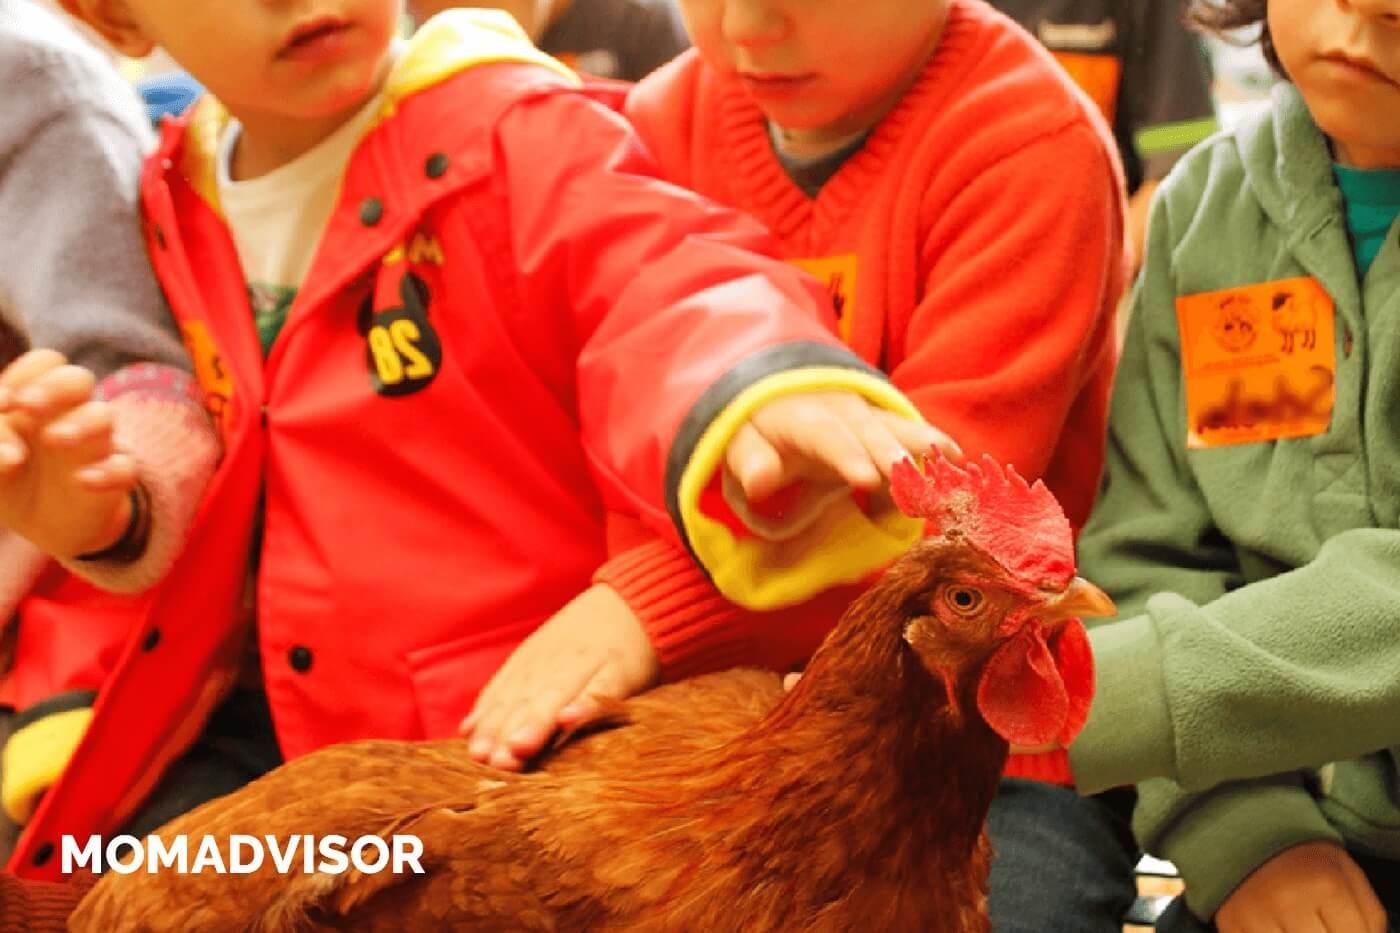 granja_del_tio_pepe_fiestas_tematicas_animales_cdmx_cumpleaños_niños_gallina-1